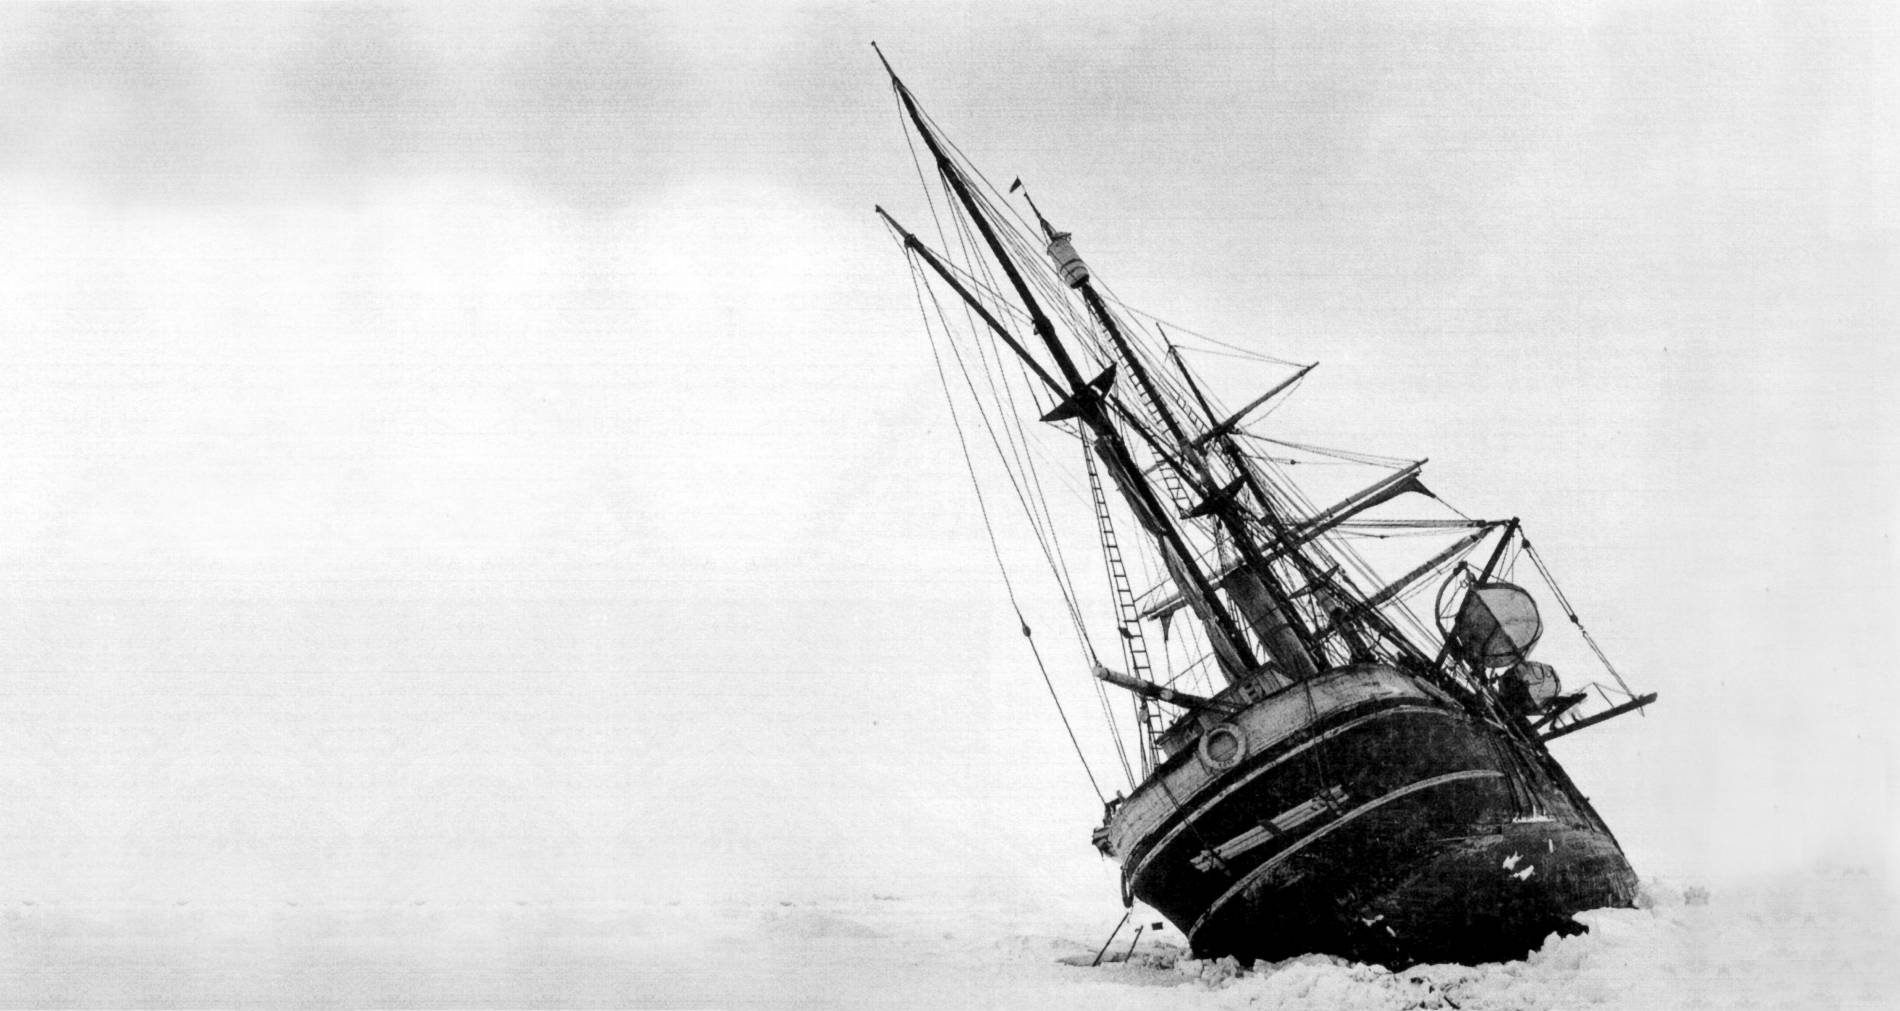 Antartide Ernest Shackleton